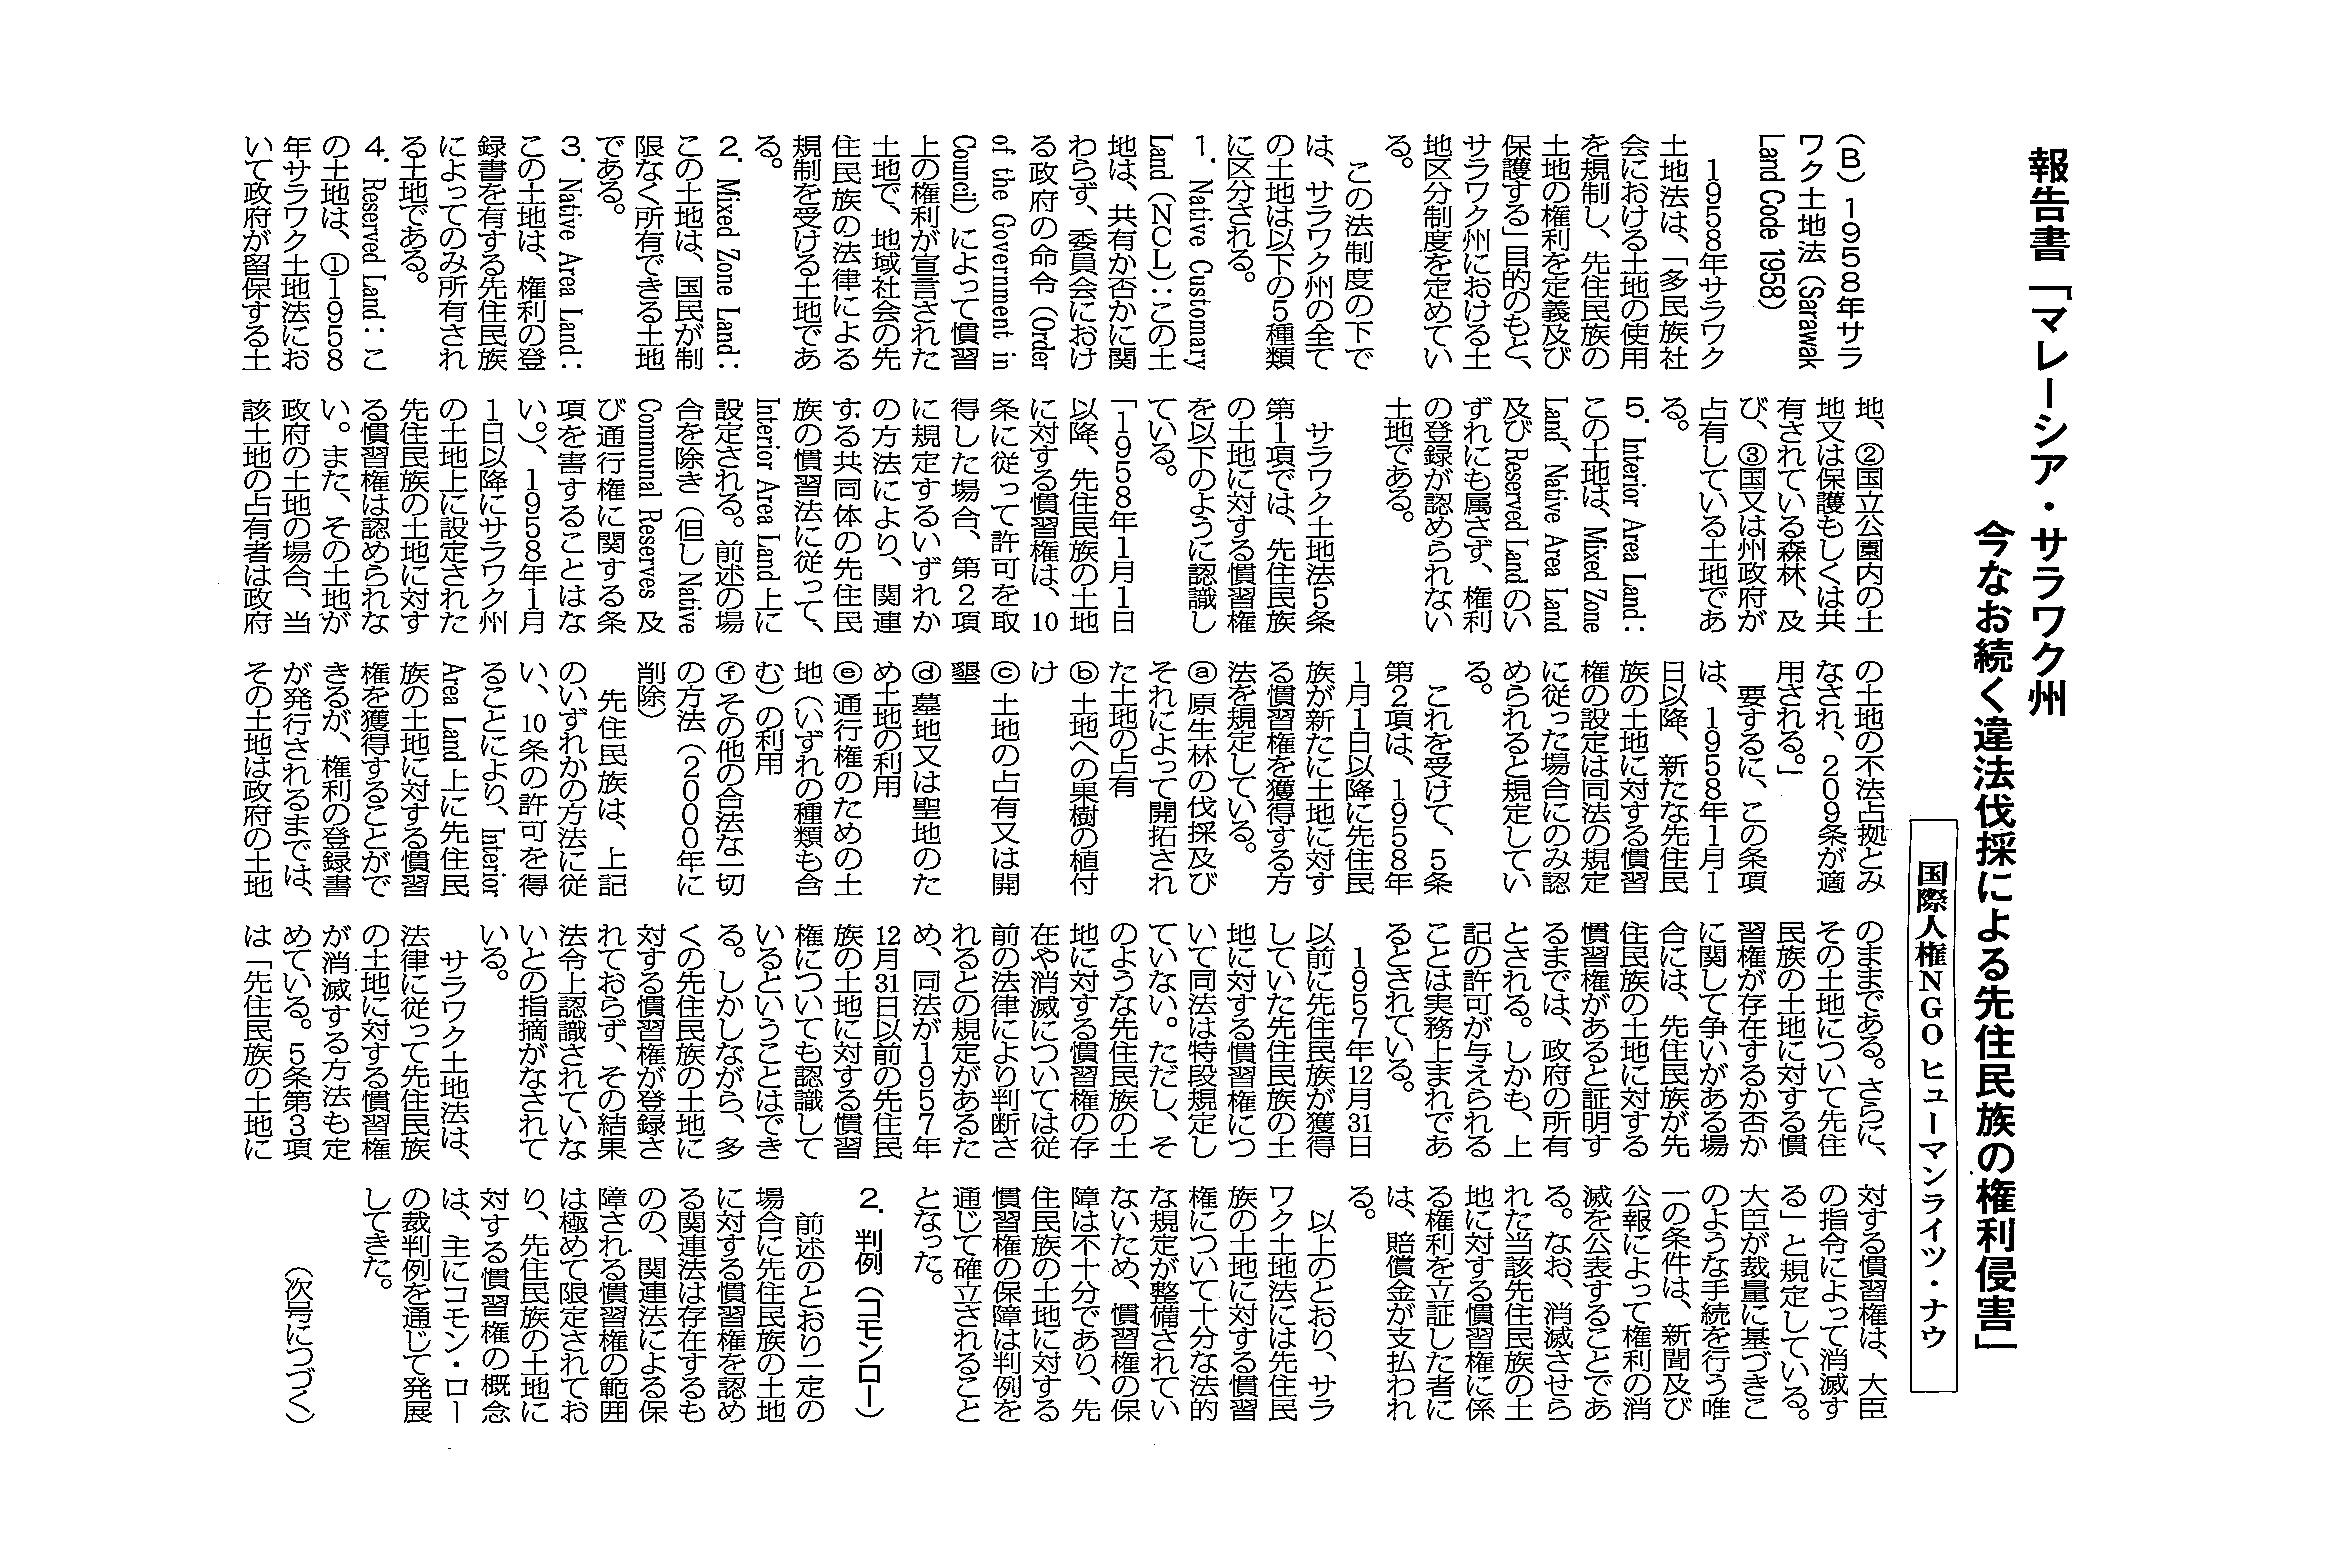 20160415法律新聞